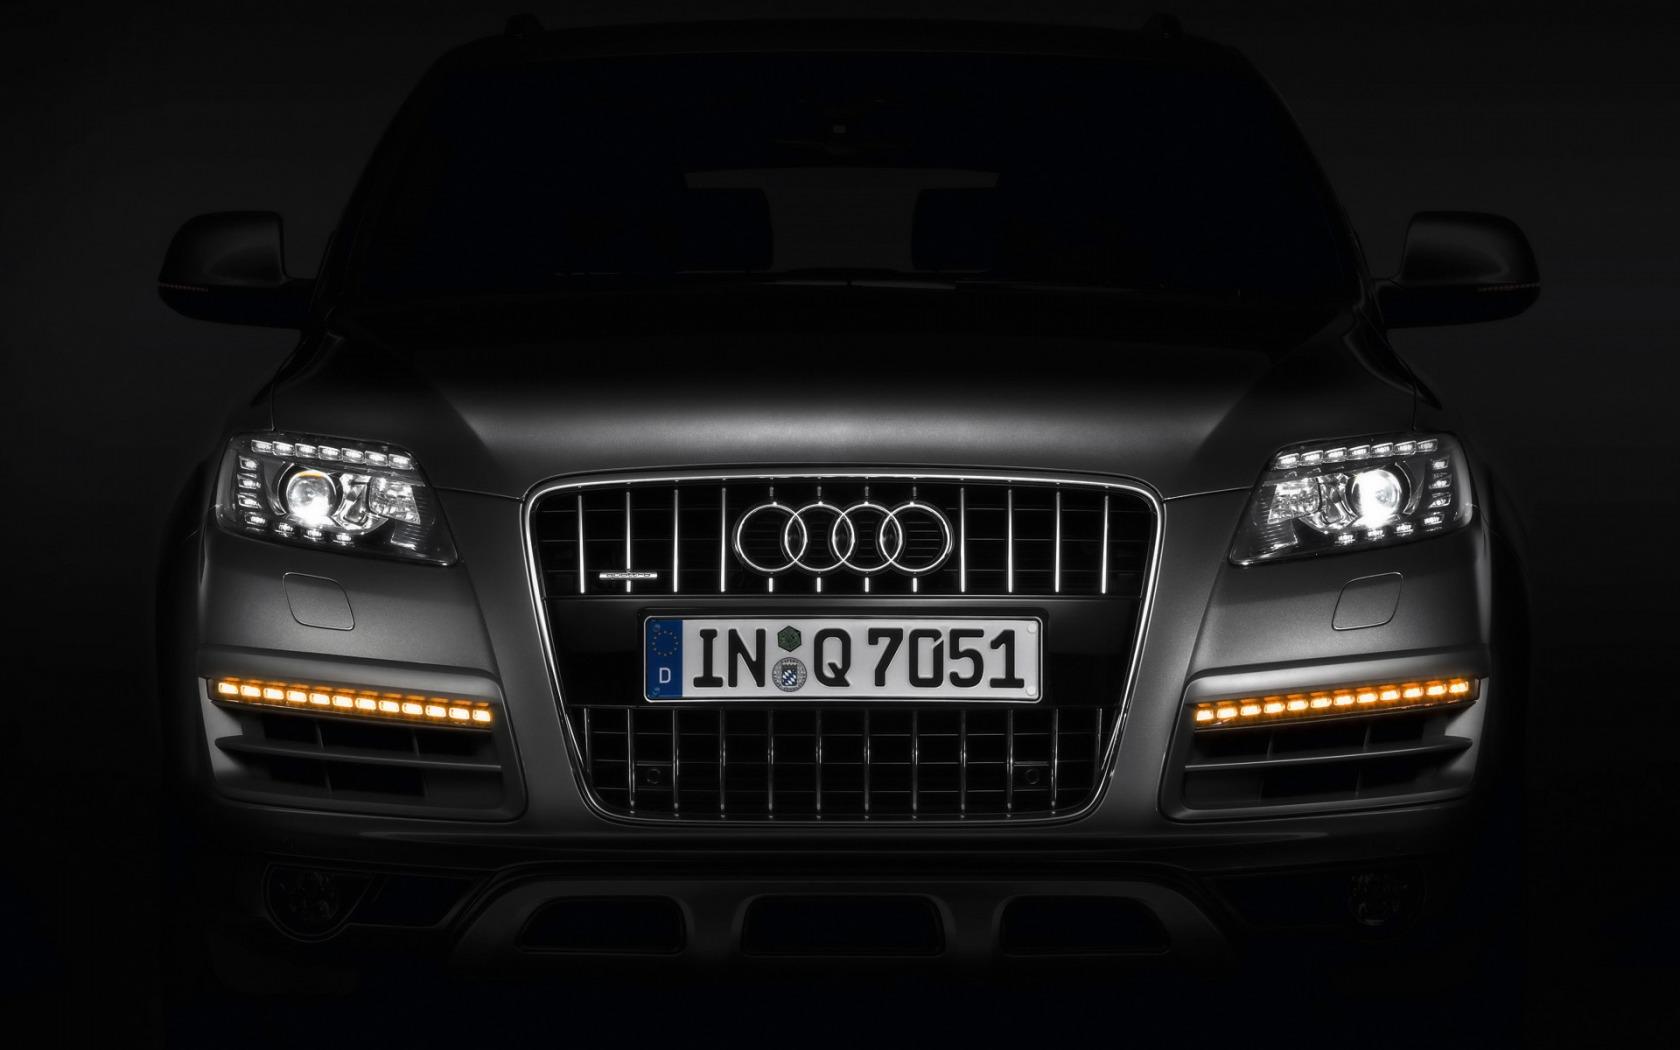 Audi Q7 Wallpaper Audi Cars Wallpapers In Jpg Format For Free Download